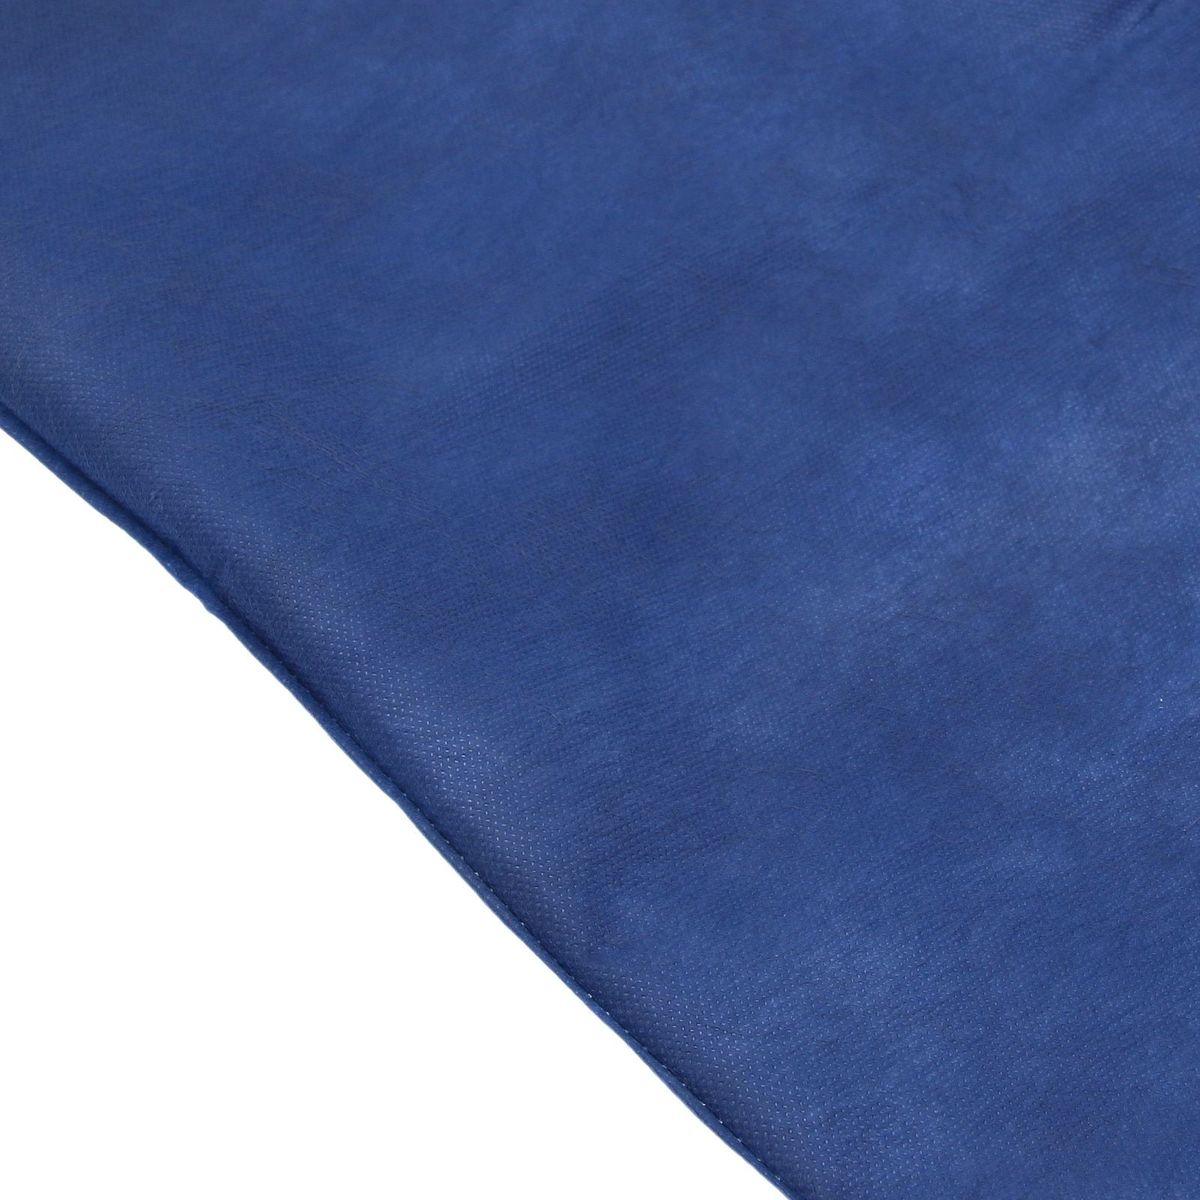 Материал укрывной NeoSpan, 1,6 х 0,5 м09840-20.000.00Садовый чехол — отличный способ защиты растений в холодное время года. Изделие поможет сберечь плодовые деревья, цветочные и ягодные кусты в период низких температур.Достоинства изделияСпособствует сохранению тепла.Защищает от порывов ветра.Служит долгие годы. Для наибольшей эффективности закрепляйте края чехла камнями, насыпями песка или земли.